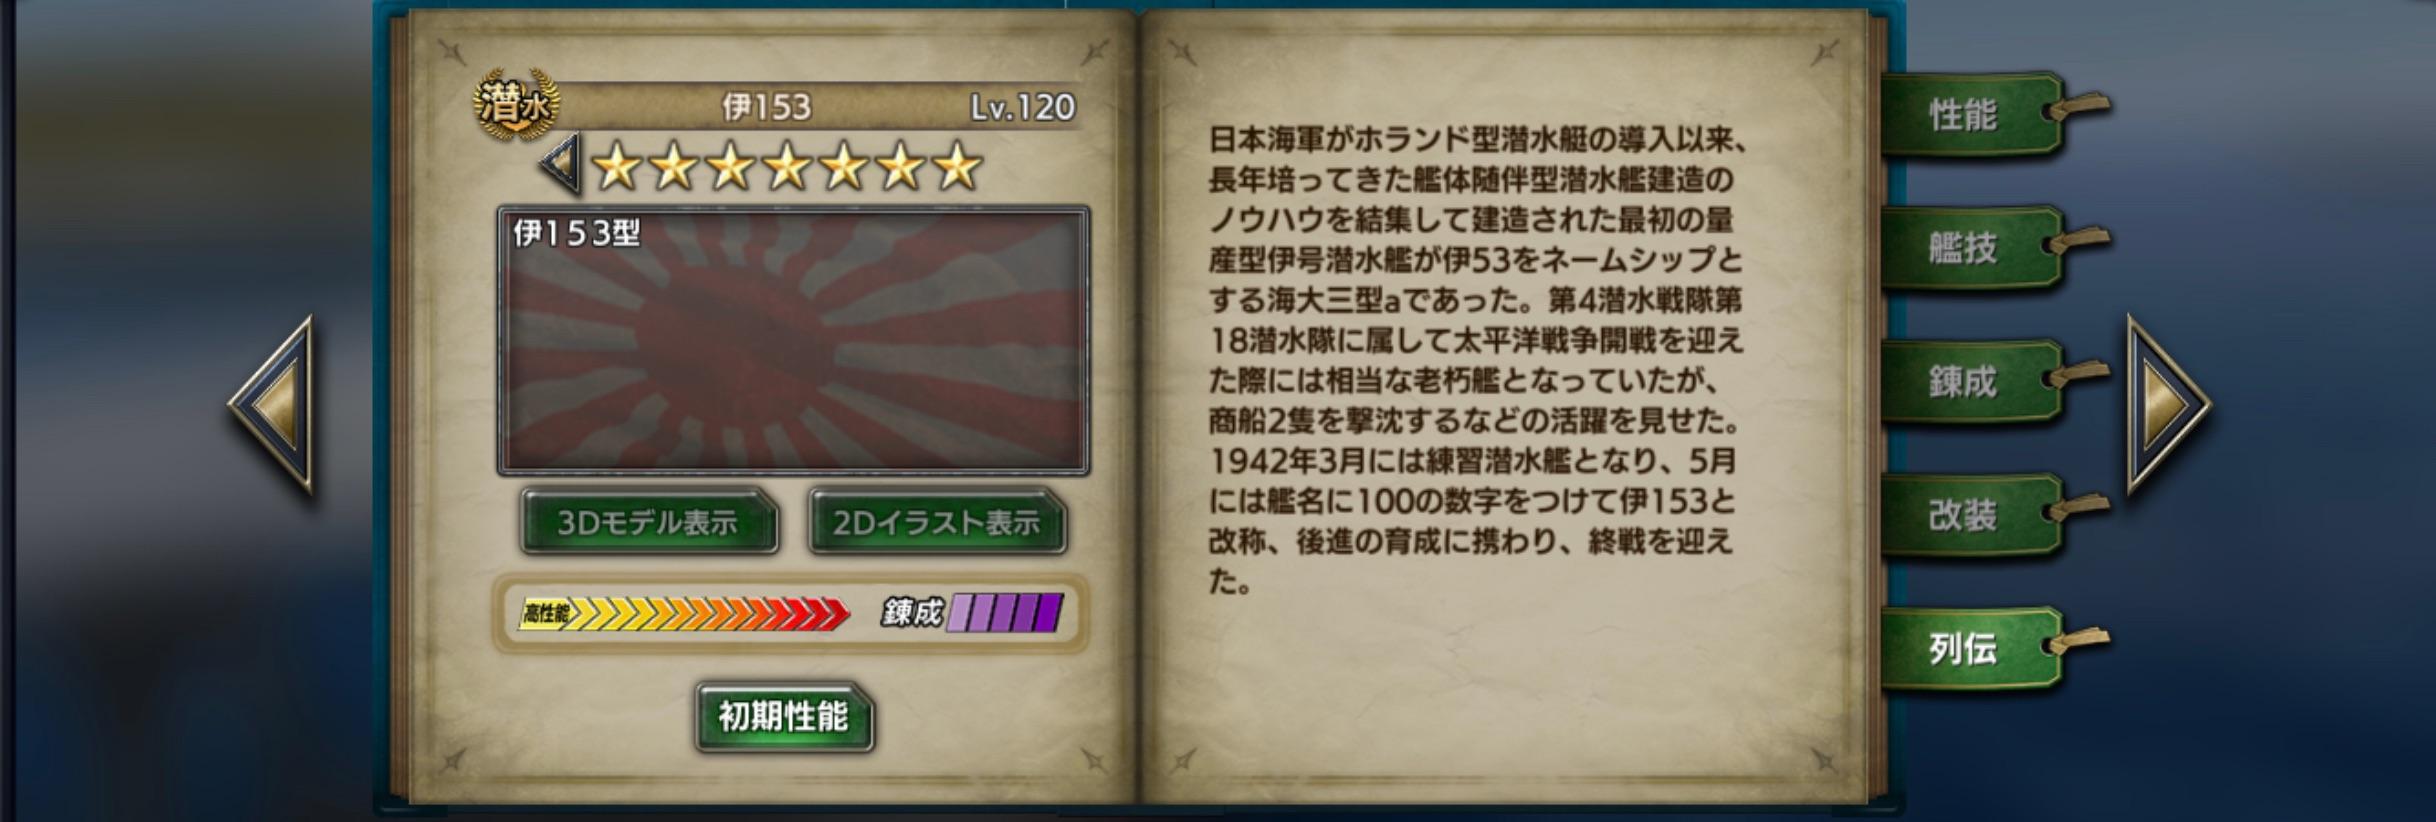 i153-history